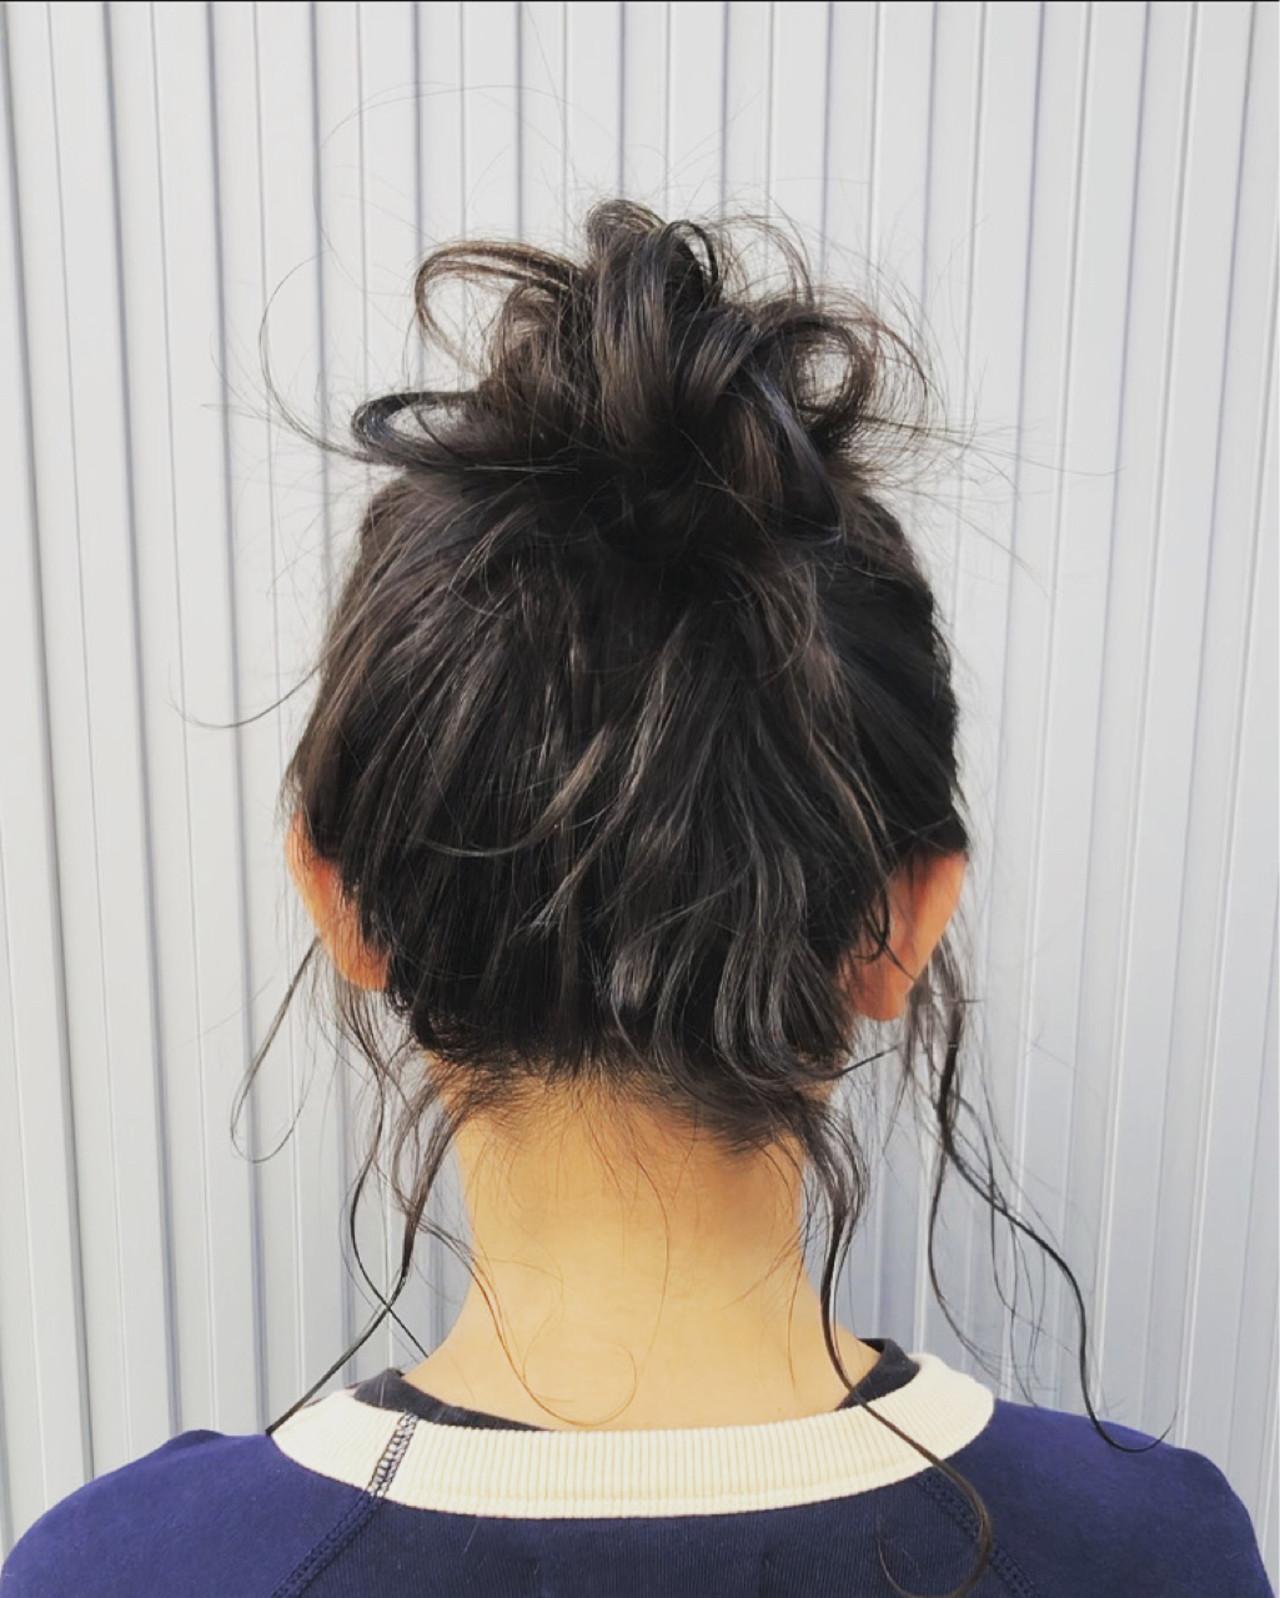 お団子ヘア ナチュラル ゴールドピン お団子アレンジ ヘアスタイルや髪型の写真・画像